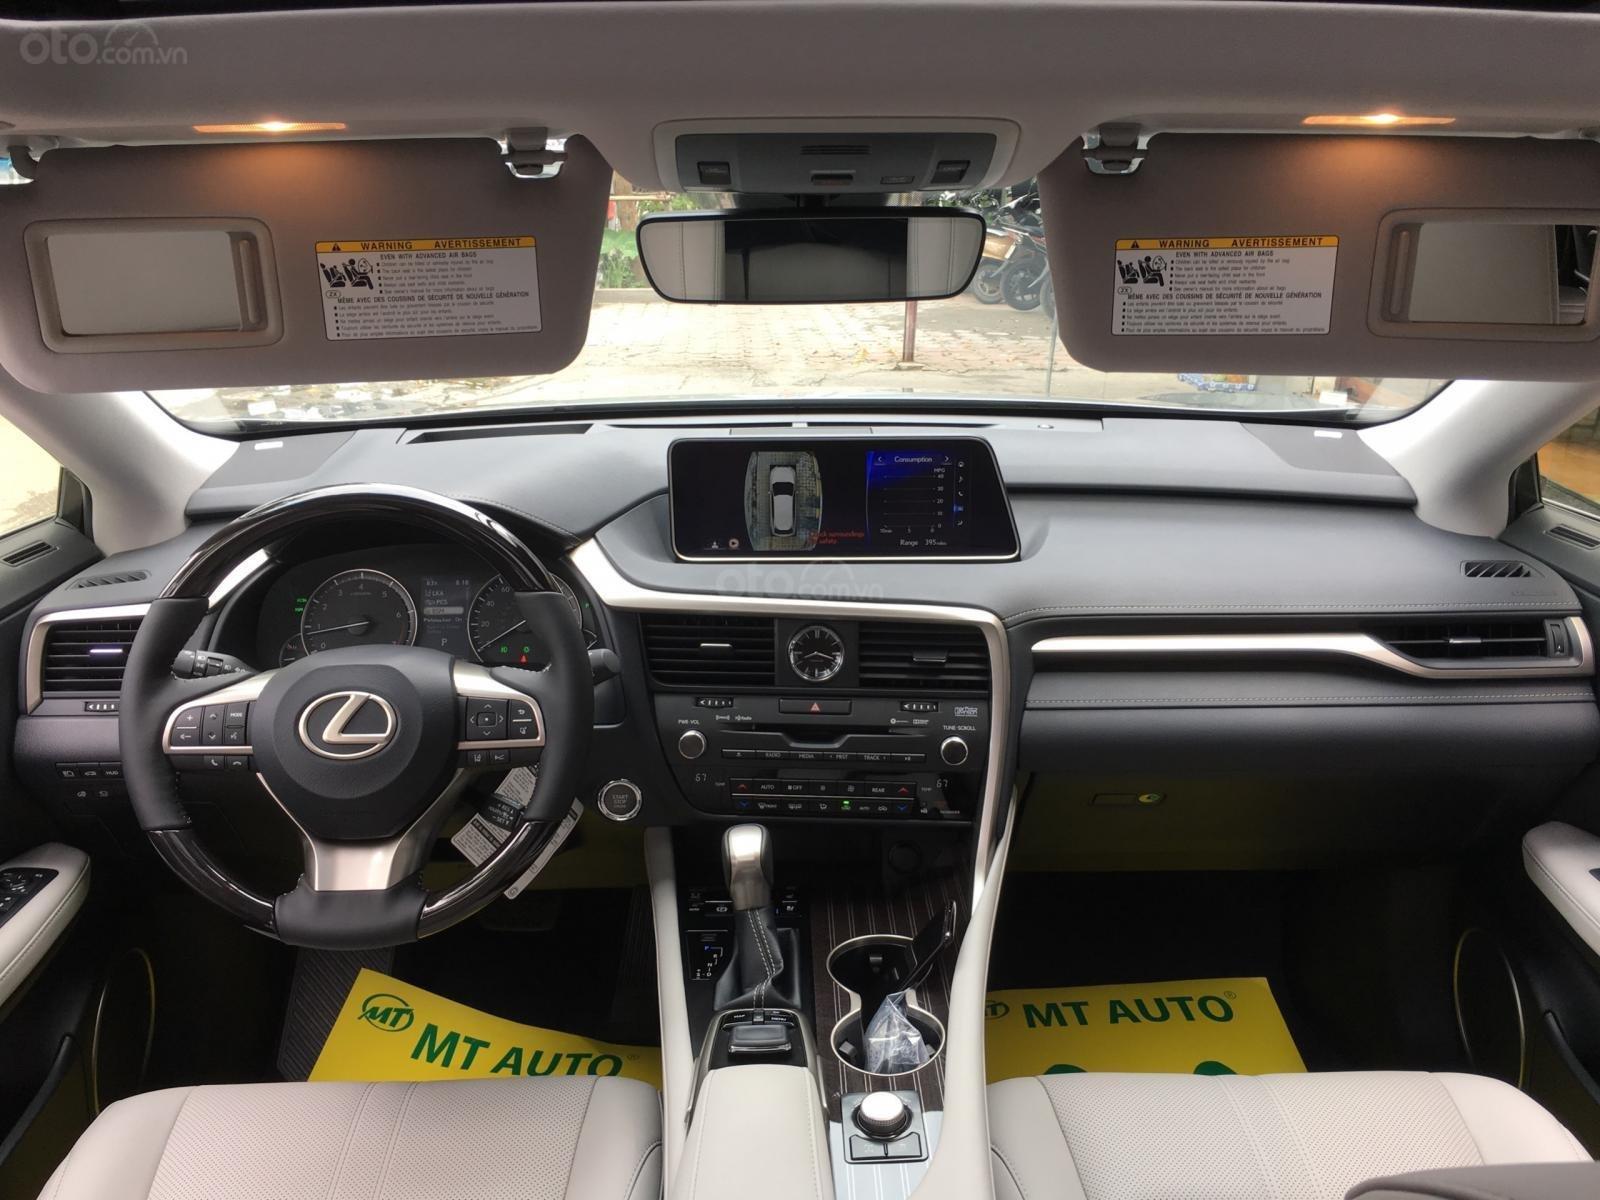 Bán Lexus RX 350L sản xuất 2019, nhập Mỹ, giá tốt, giao ngay toàn quốc. LH: 093.996.2368 Ms Ngọc Vy (9)